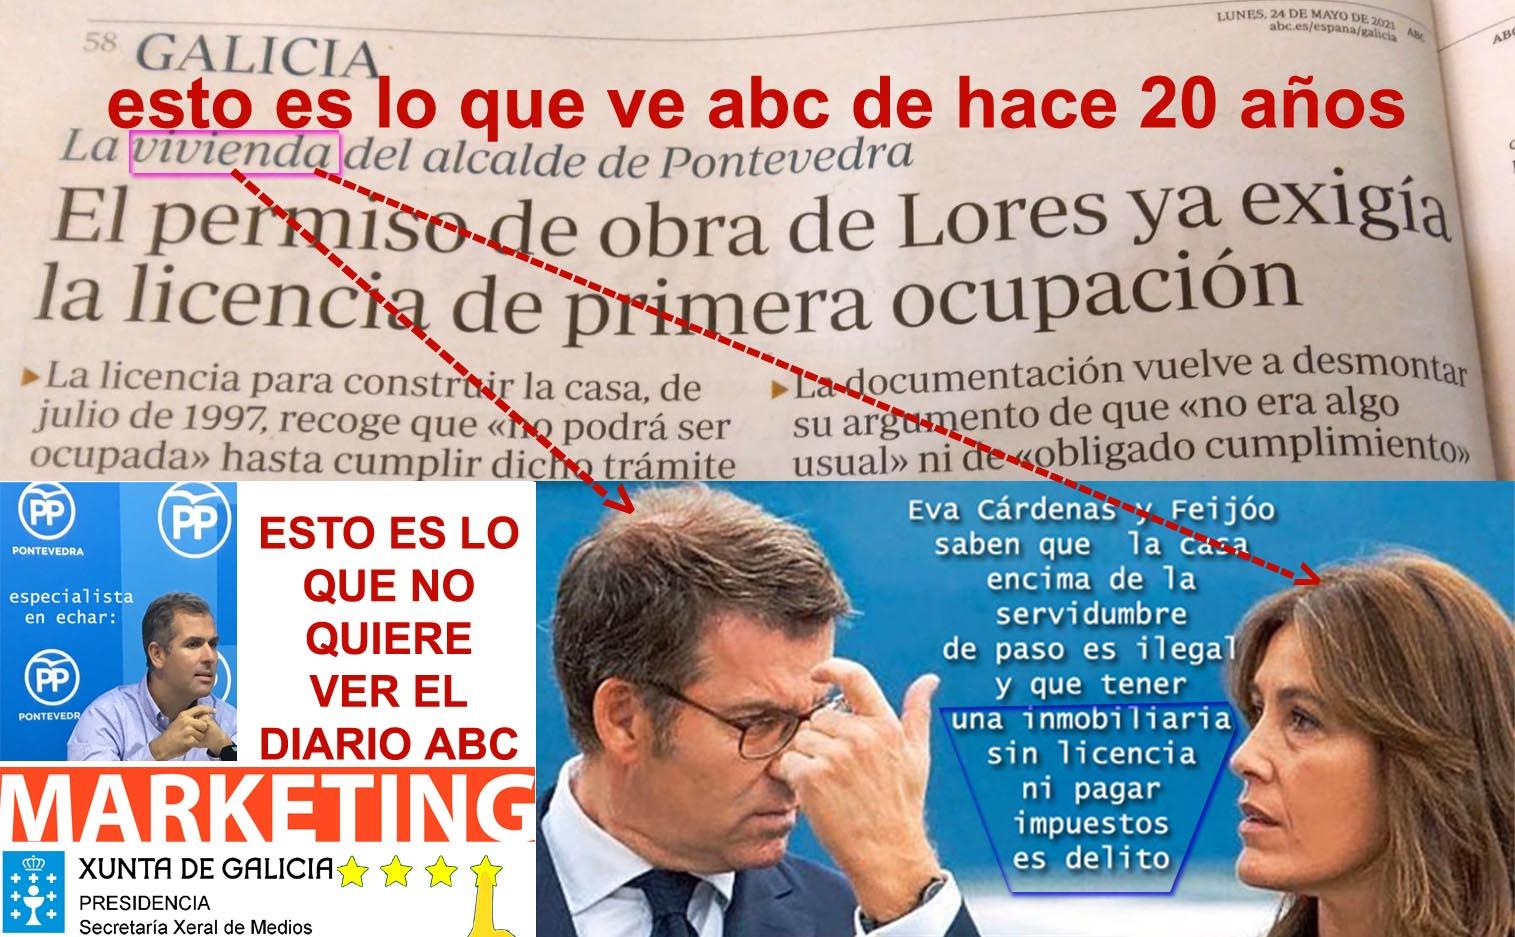 El Portavoz del PP de Pontevedra exige la dimisión de Feijóo por obras  ilegales en terreno público y falta de licencias empresa de su domicilio  conyugal.. En Clave de Humor..! - Xornal